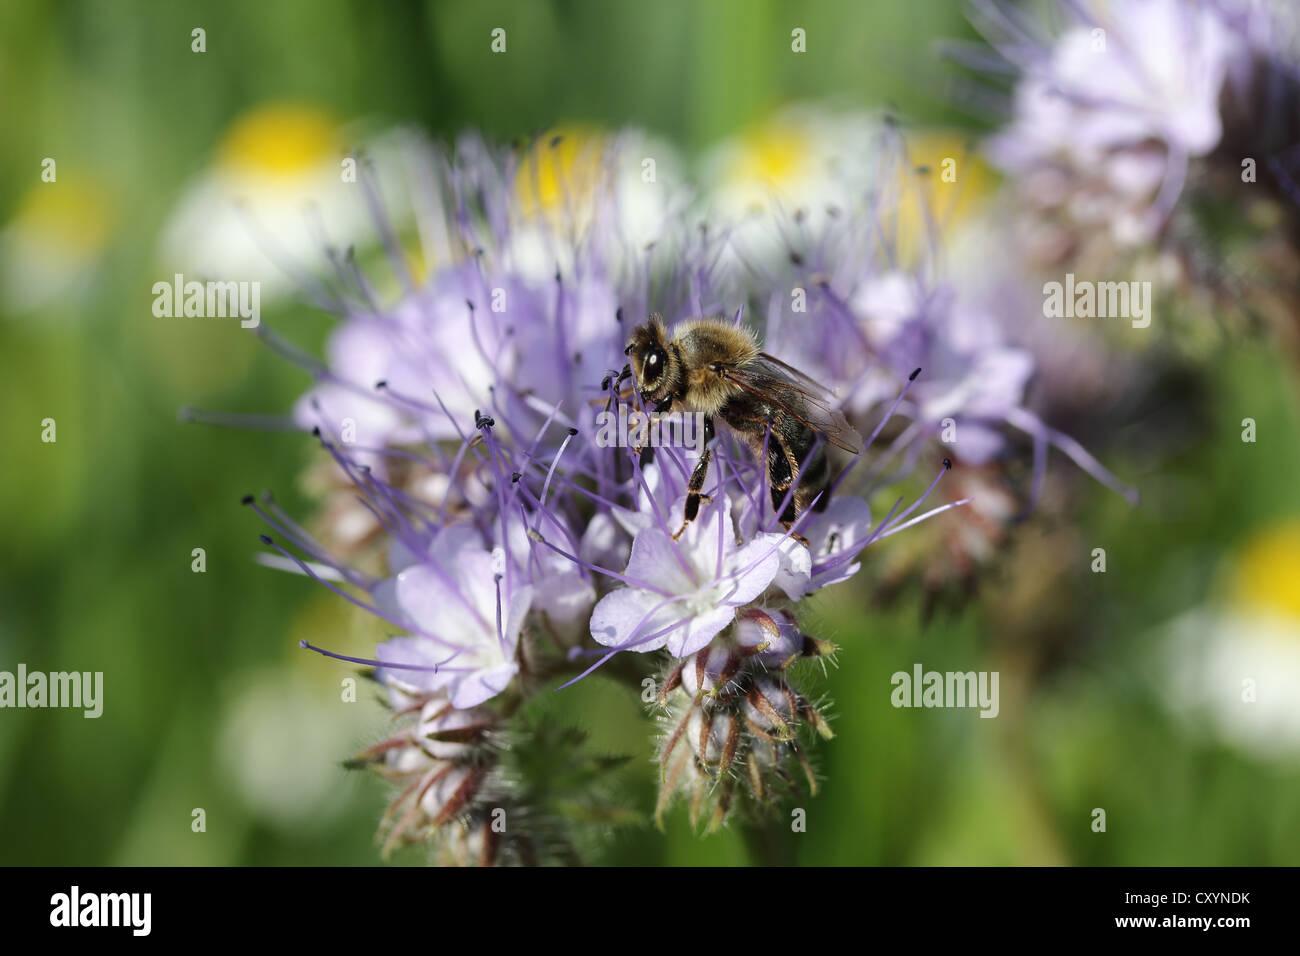 Honey been (Apis sp.) in search of food, purple flower, Phacelia, Scorpionweed or Heliotrope (Phacelia sp.) - Stock Image